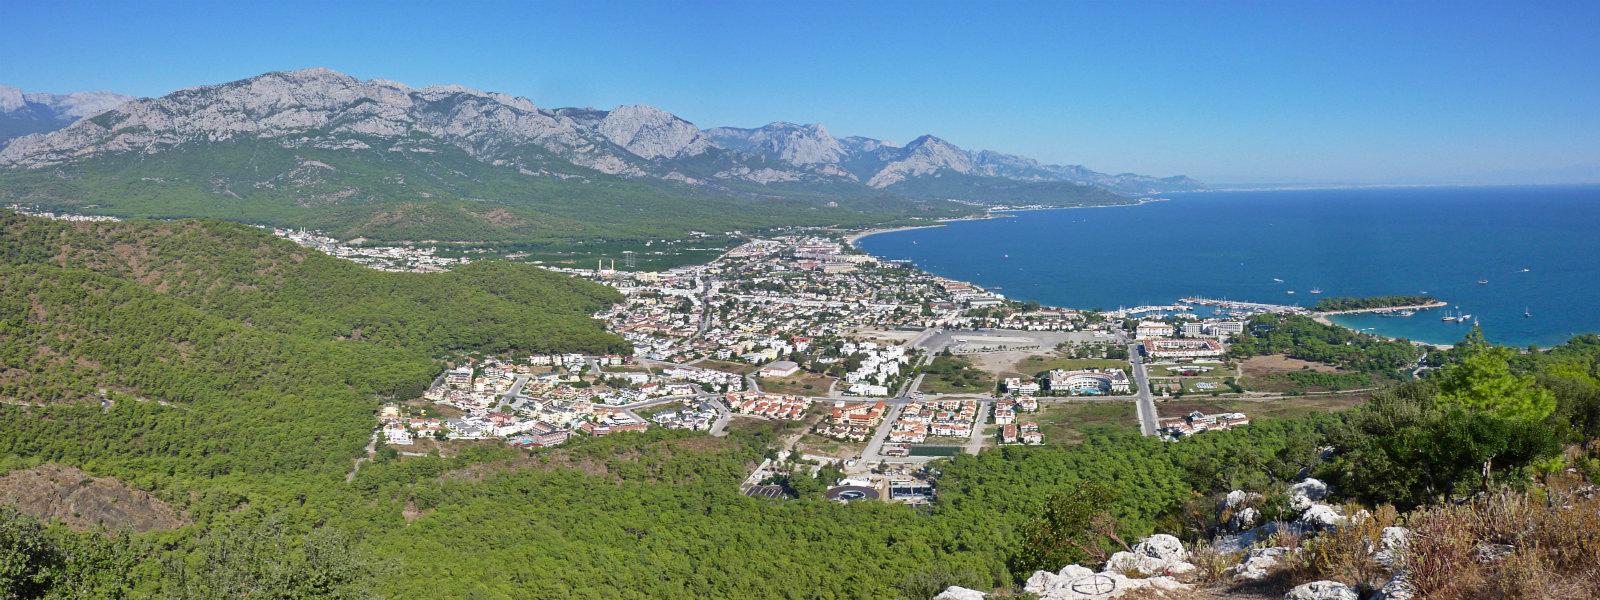 Lykischer Weg: die malerischste Wanderroute in Europa